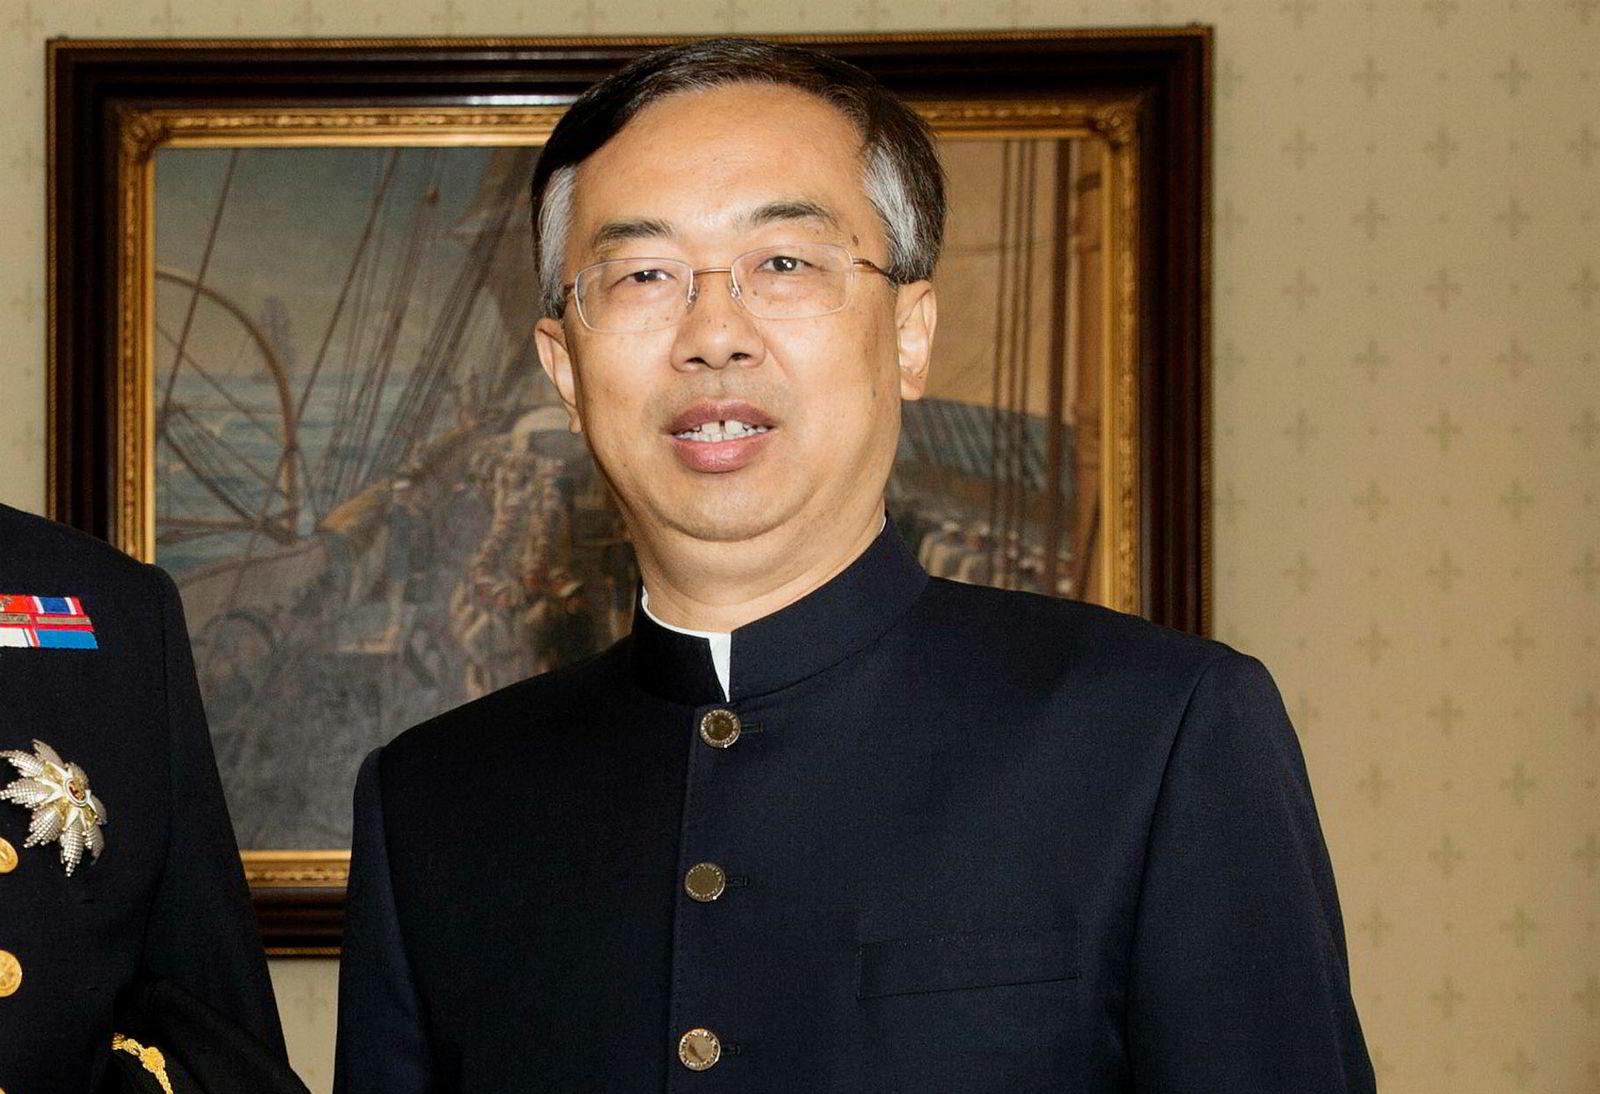 Kinas ambassadør til Norge, Wang Min, skal ha spilt en nøkkelrolle i å få løst konflikten.